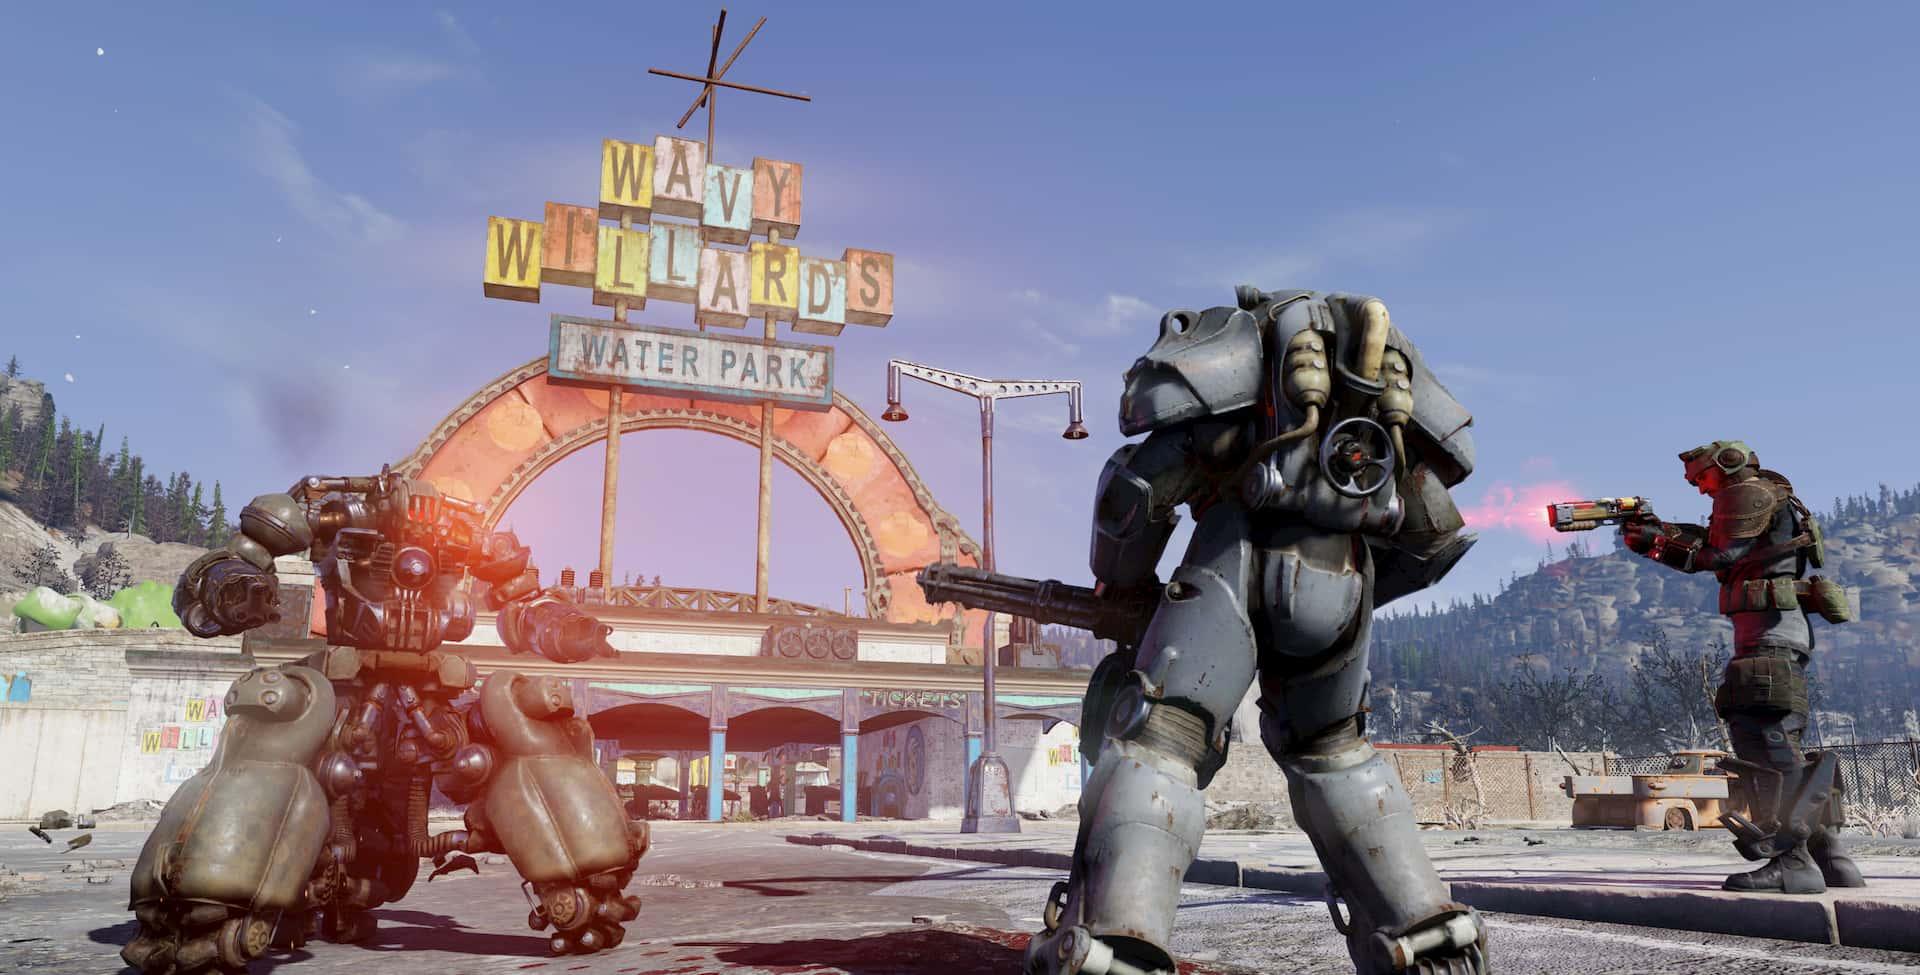 Os kits de reparo pagos de Fallout 76 estão causando alguma controvérsia